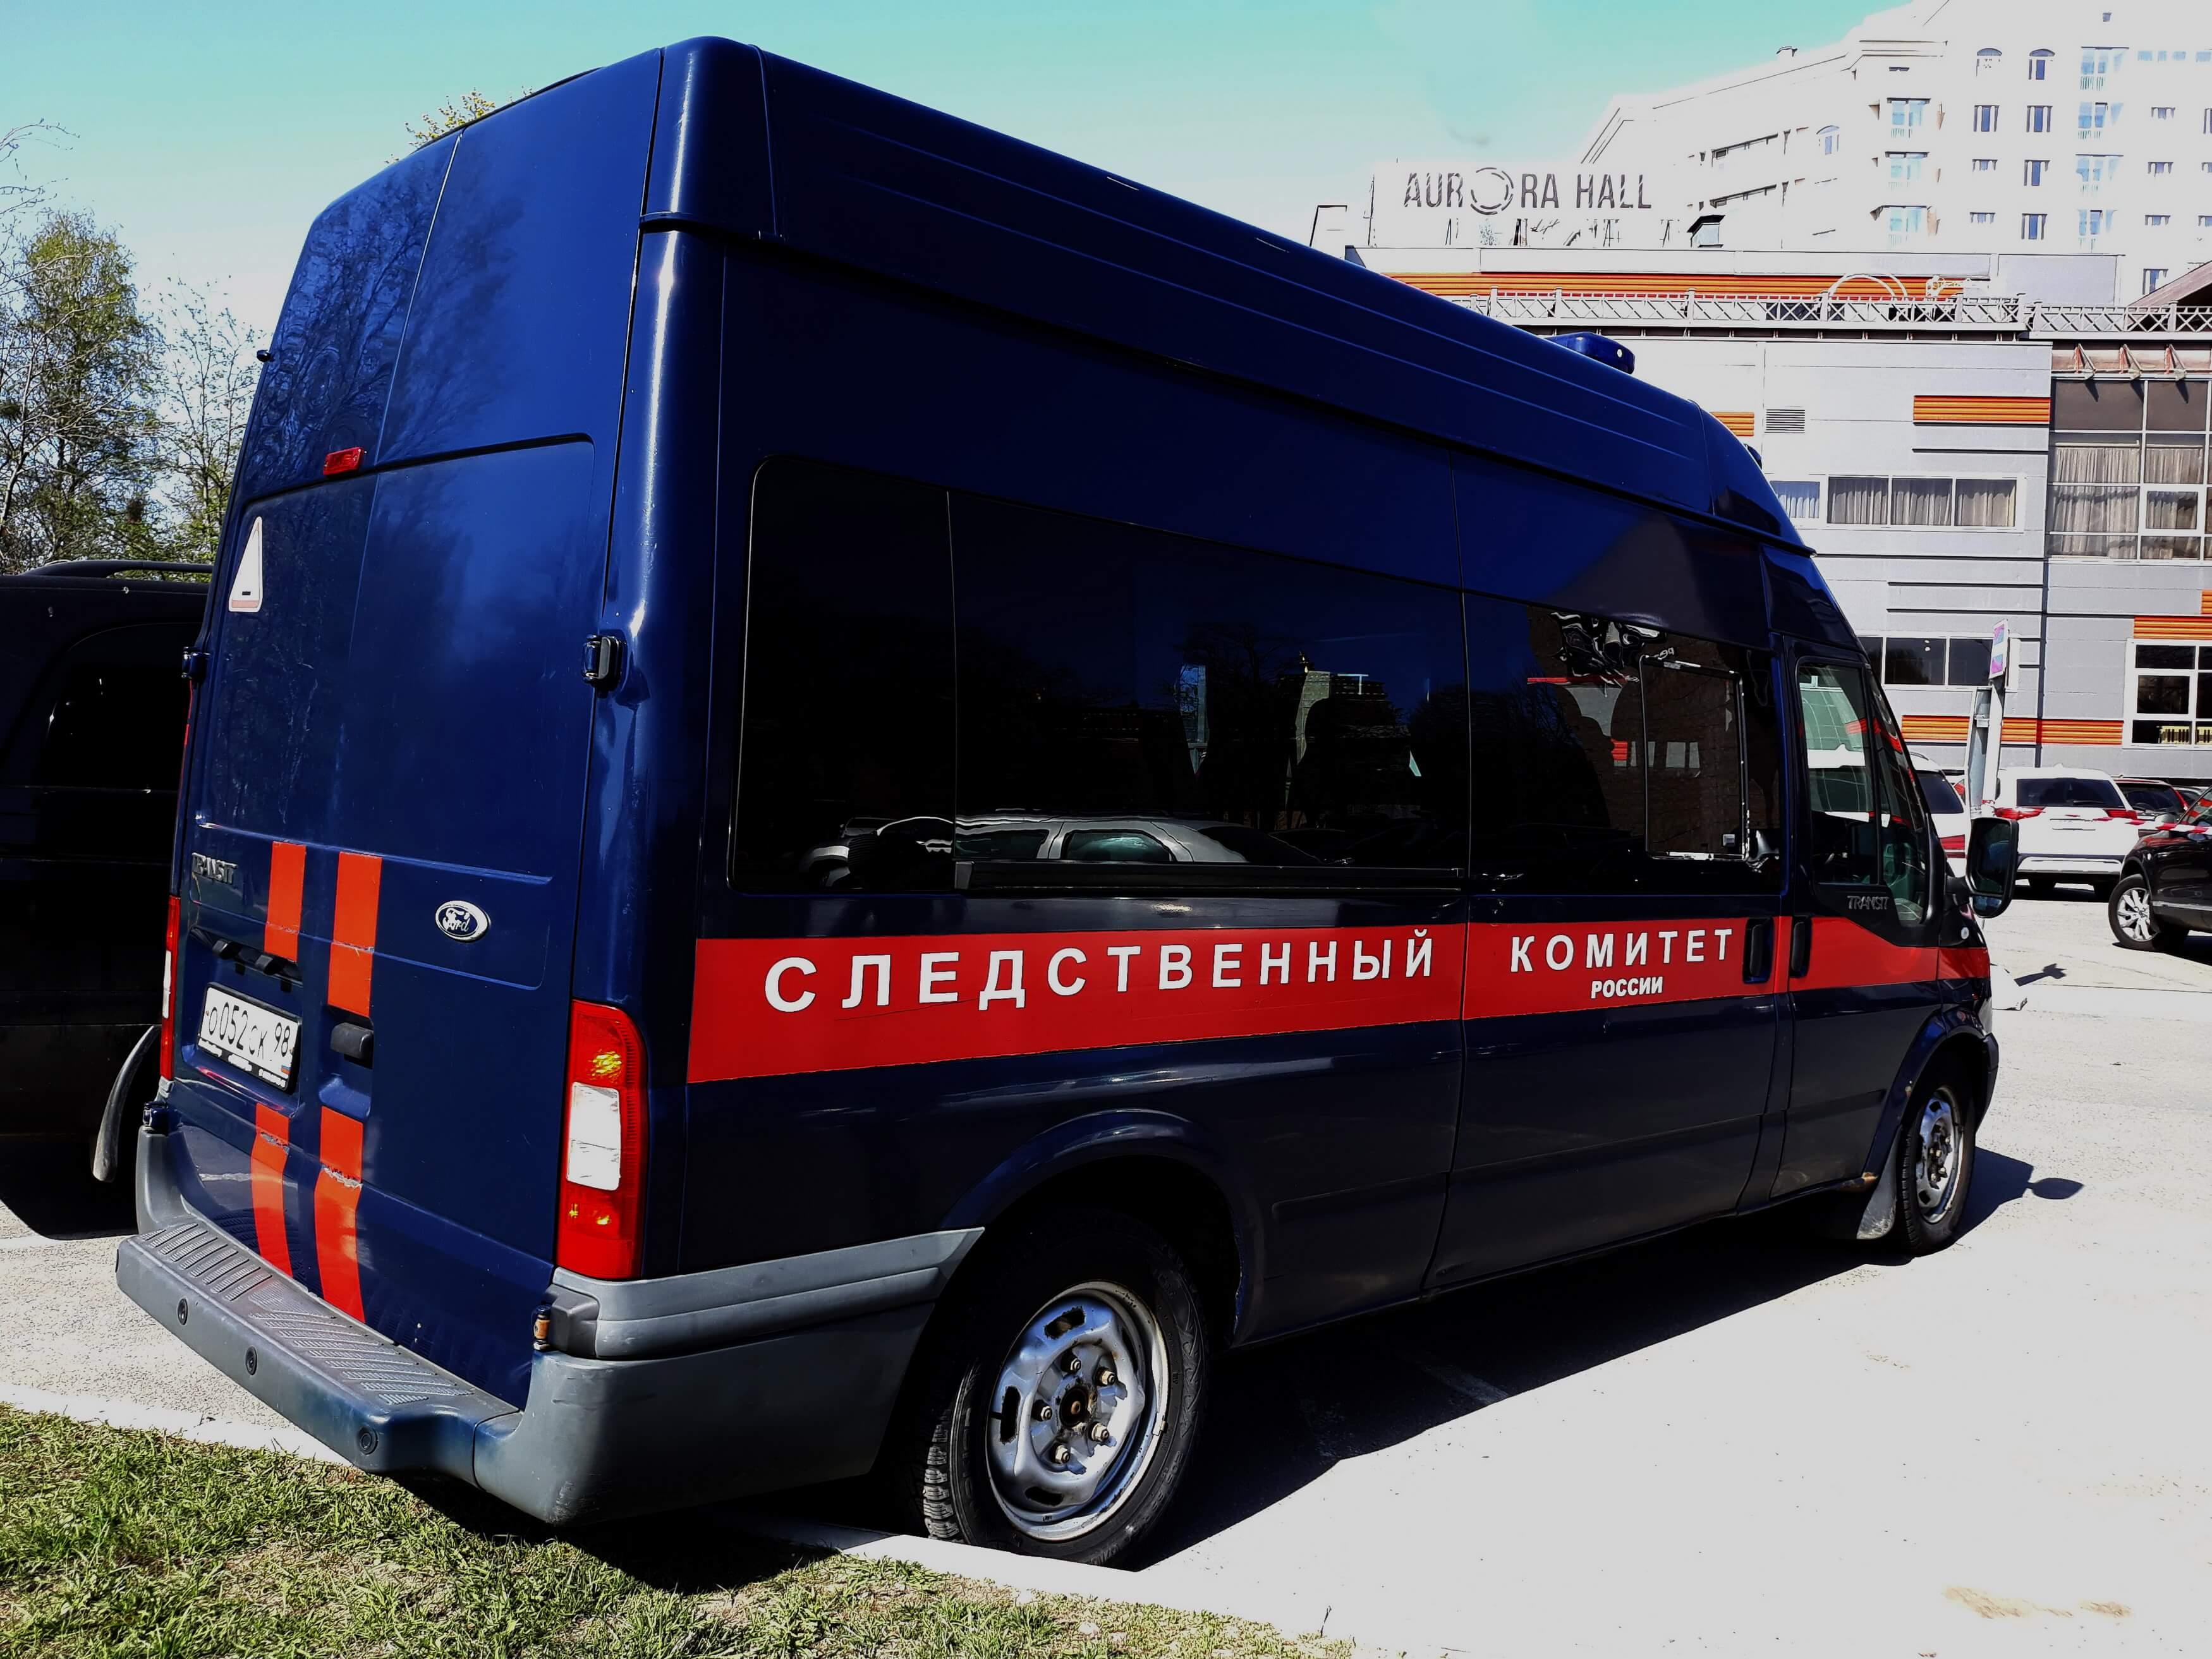 Zamir Usmanov/Globallookpress.com